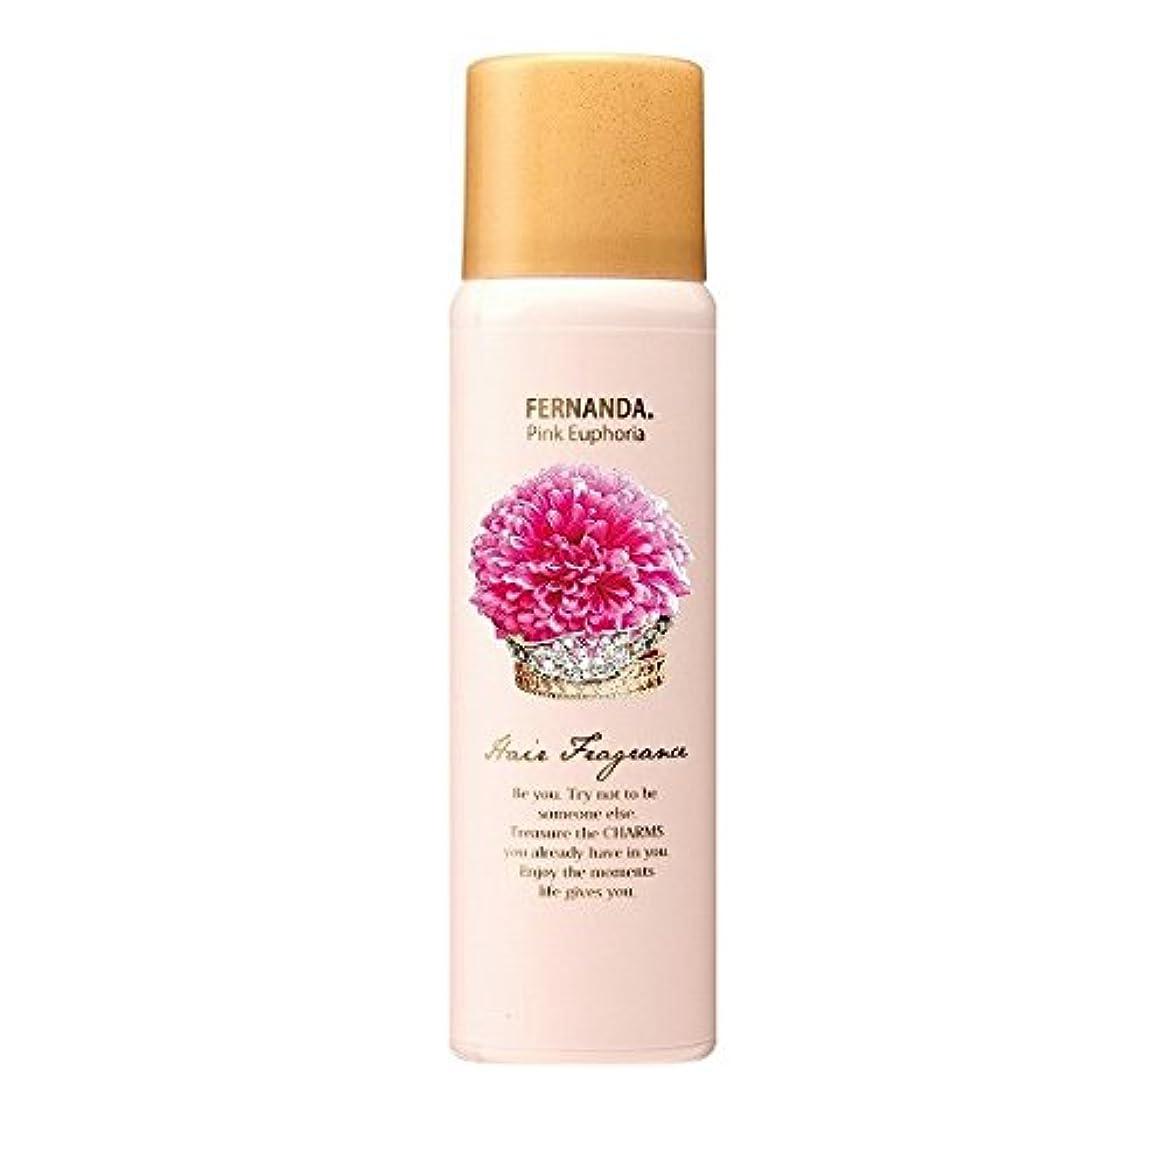 付き添い人給料花瓶FERNANDA(フェルナンダ) Hair Fragrance Pink Euphoria (ヘアー フレグランス ピンクエウフォリア)